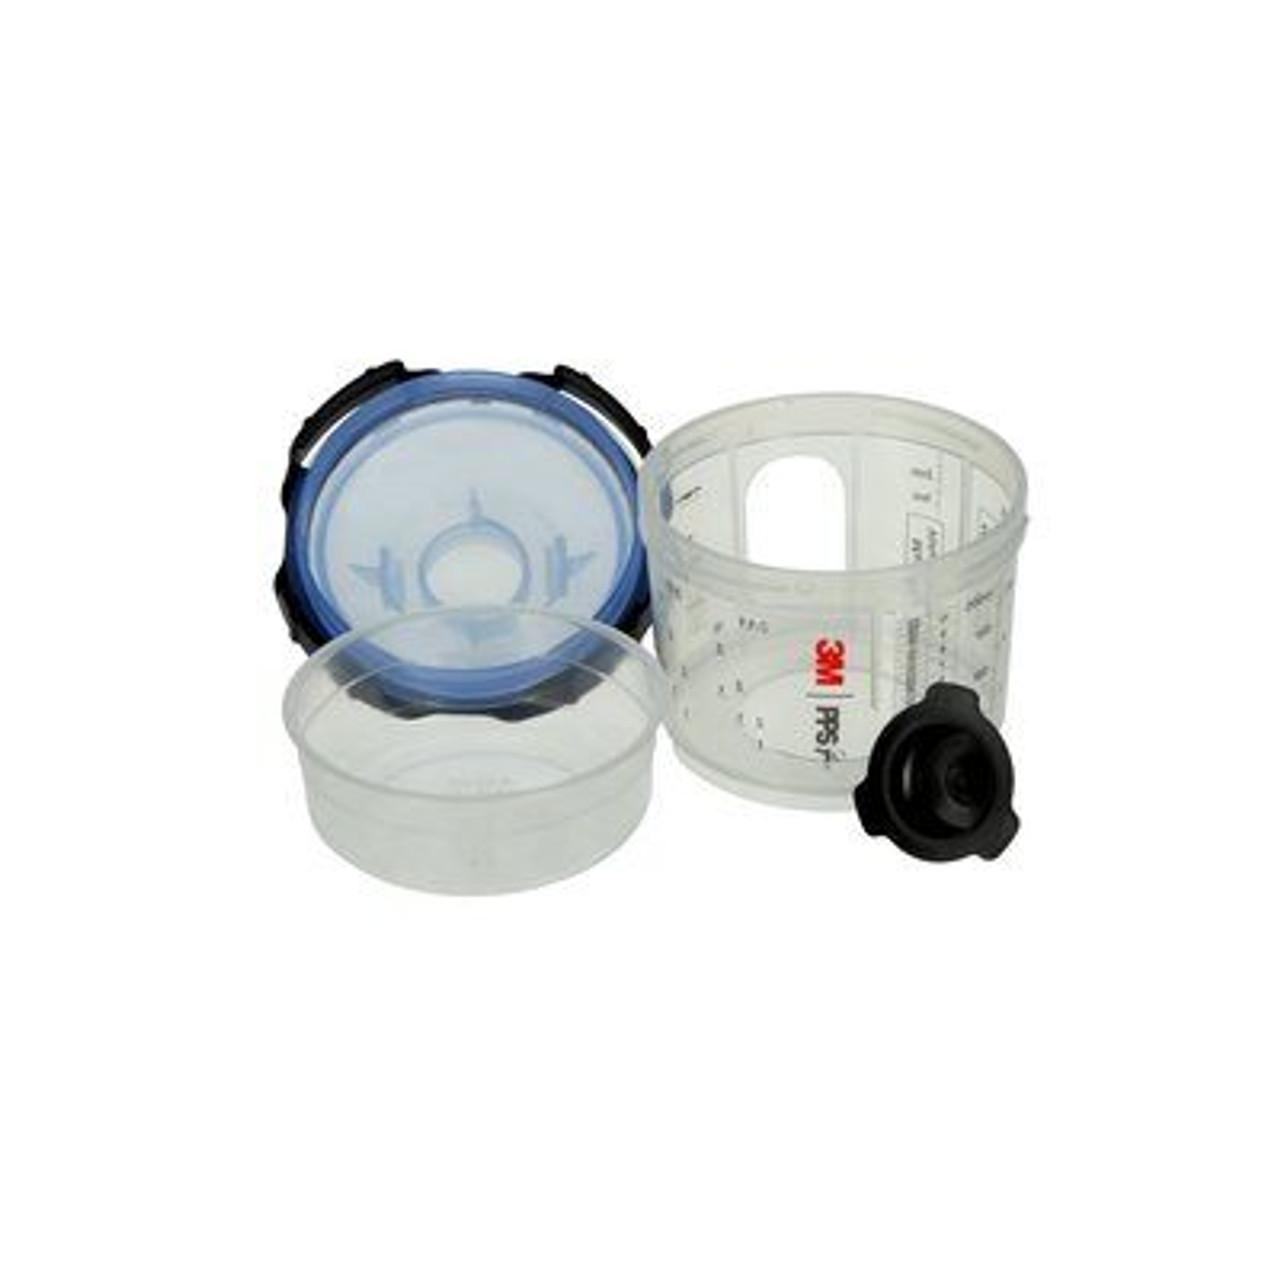 3M™ PPS™ Series 2.0 Spray Cup System Kit, 26314, Mini (6.8 fl oz, 200 mL), 125u Micron Filter, 1 kit per case